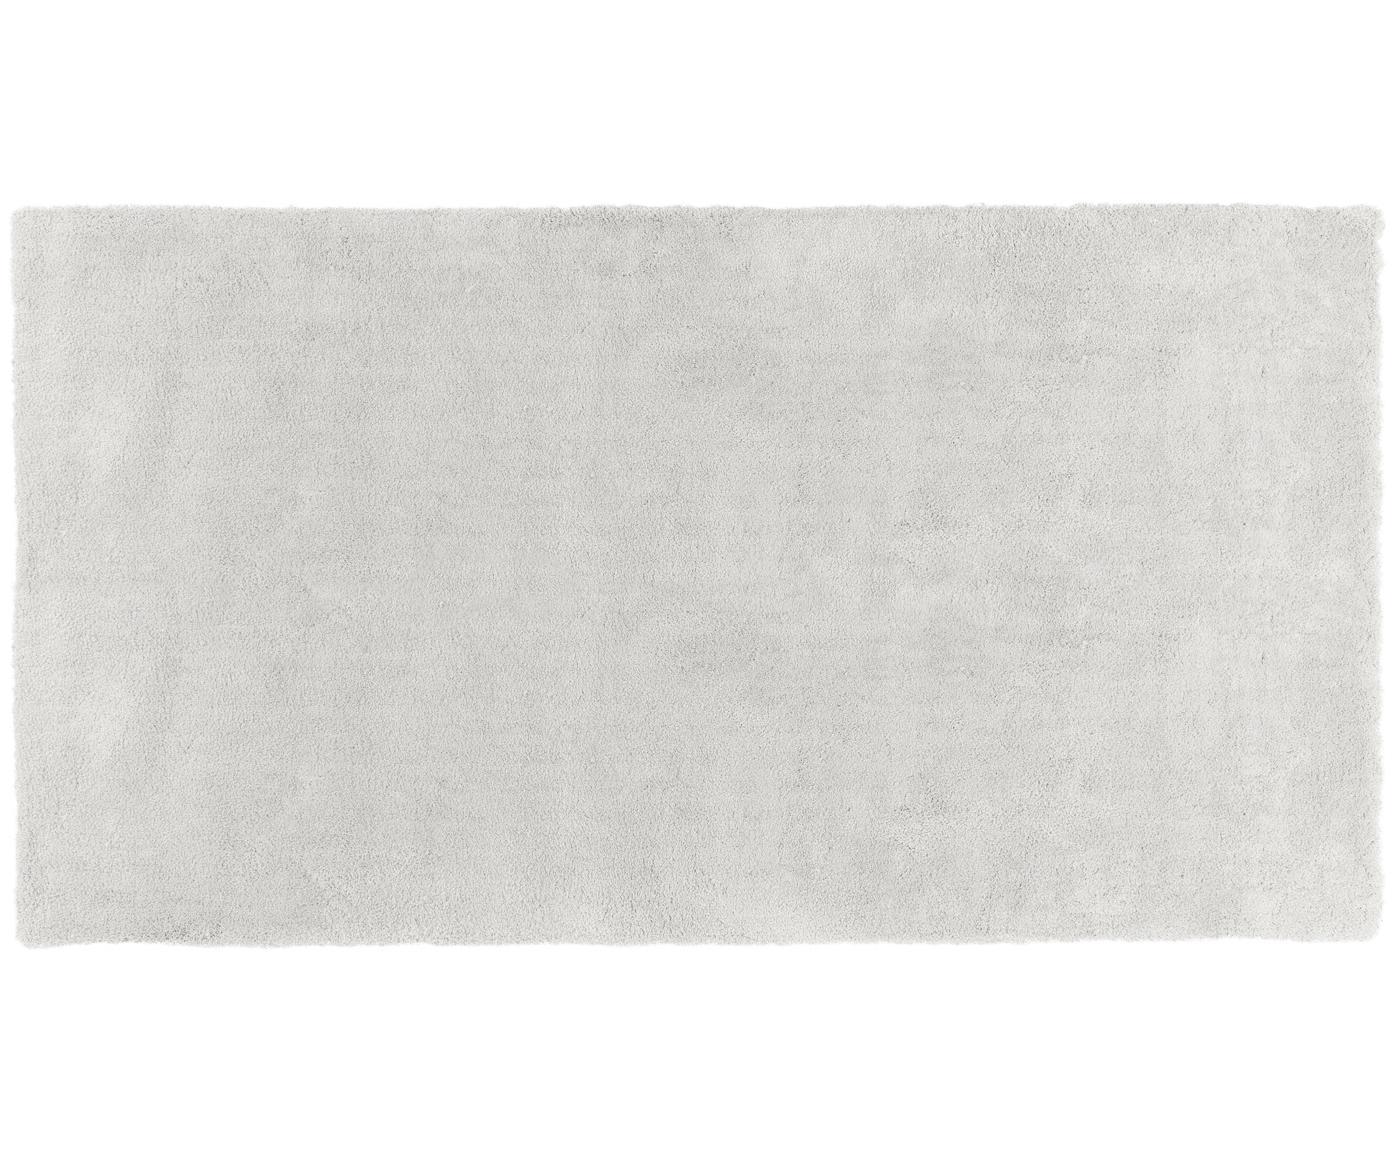 Pluizig hoogpolig vloerkleed Leighton in lichtgrijs, Bovenzijde: 100% polyester (microveze, Onderzijde: 100% polyester, Lichtgrijs, B 60 x L 110 cm (maat XXS)